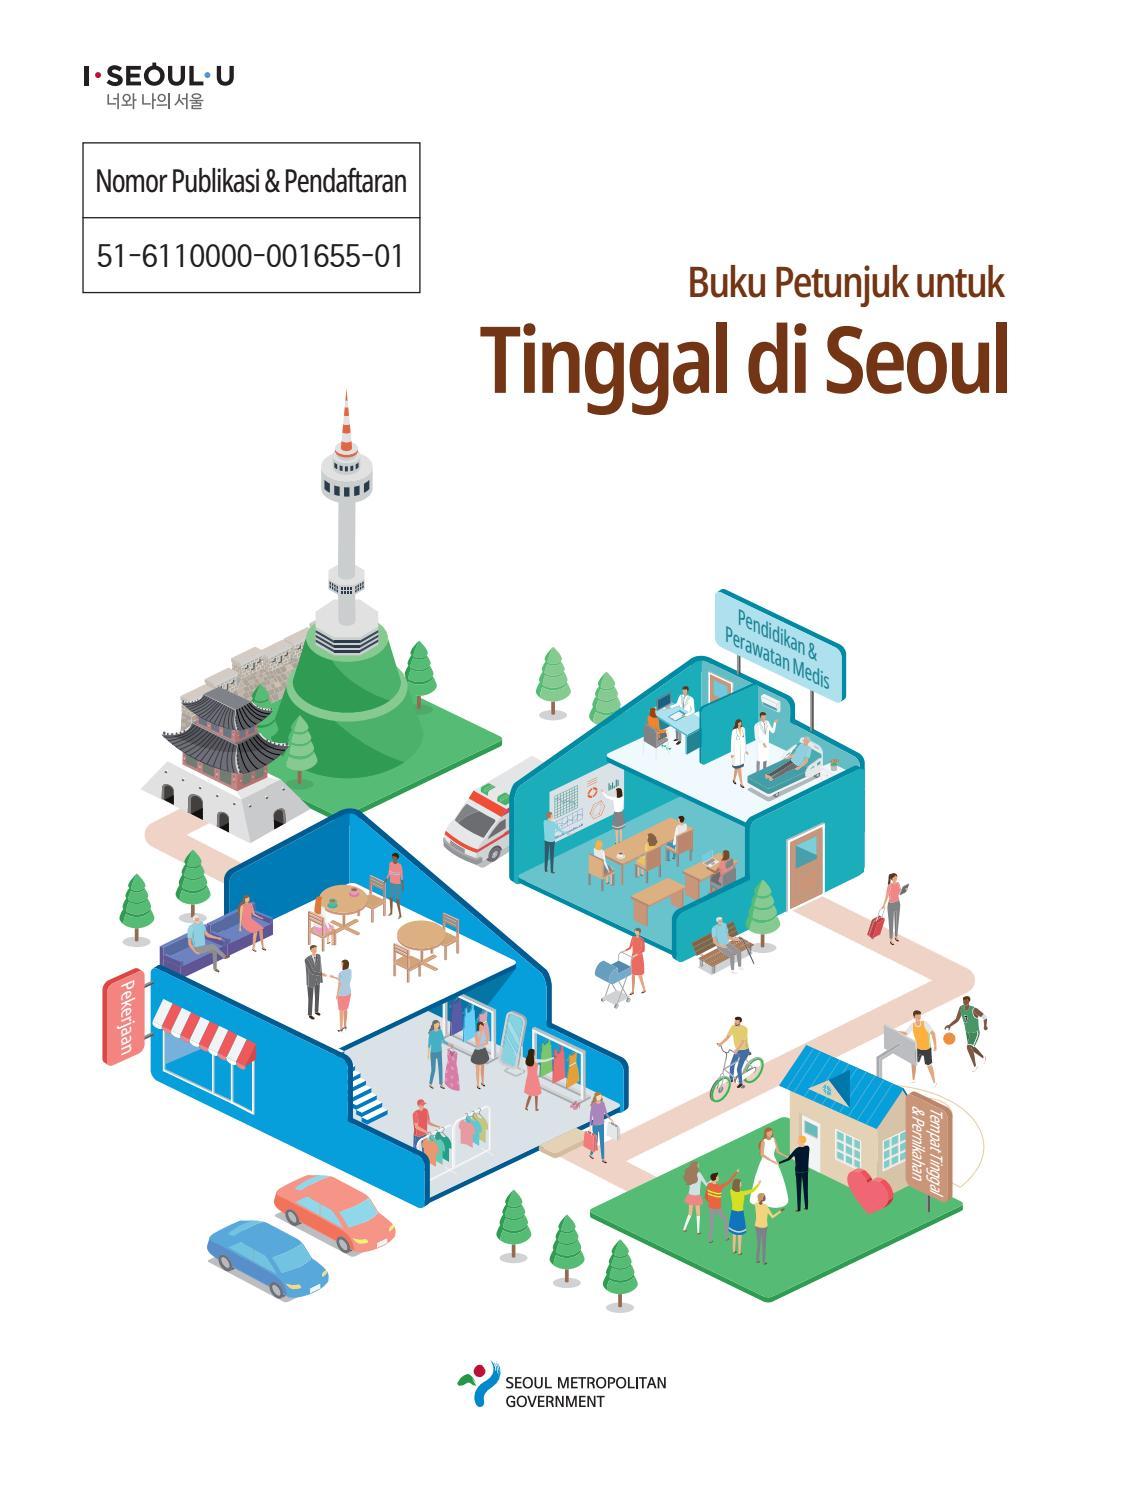 """Buku Petunjuk Untuk Tinggal Di Seoul By Seoulglobalcenter Ì""""œìš¸ê¸€ë¡œë²Œì""""¼í""""° Issuu"""